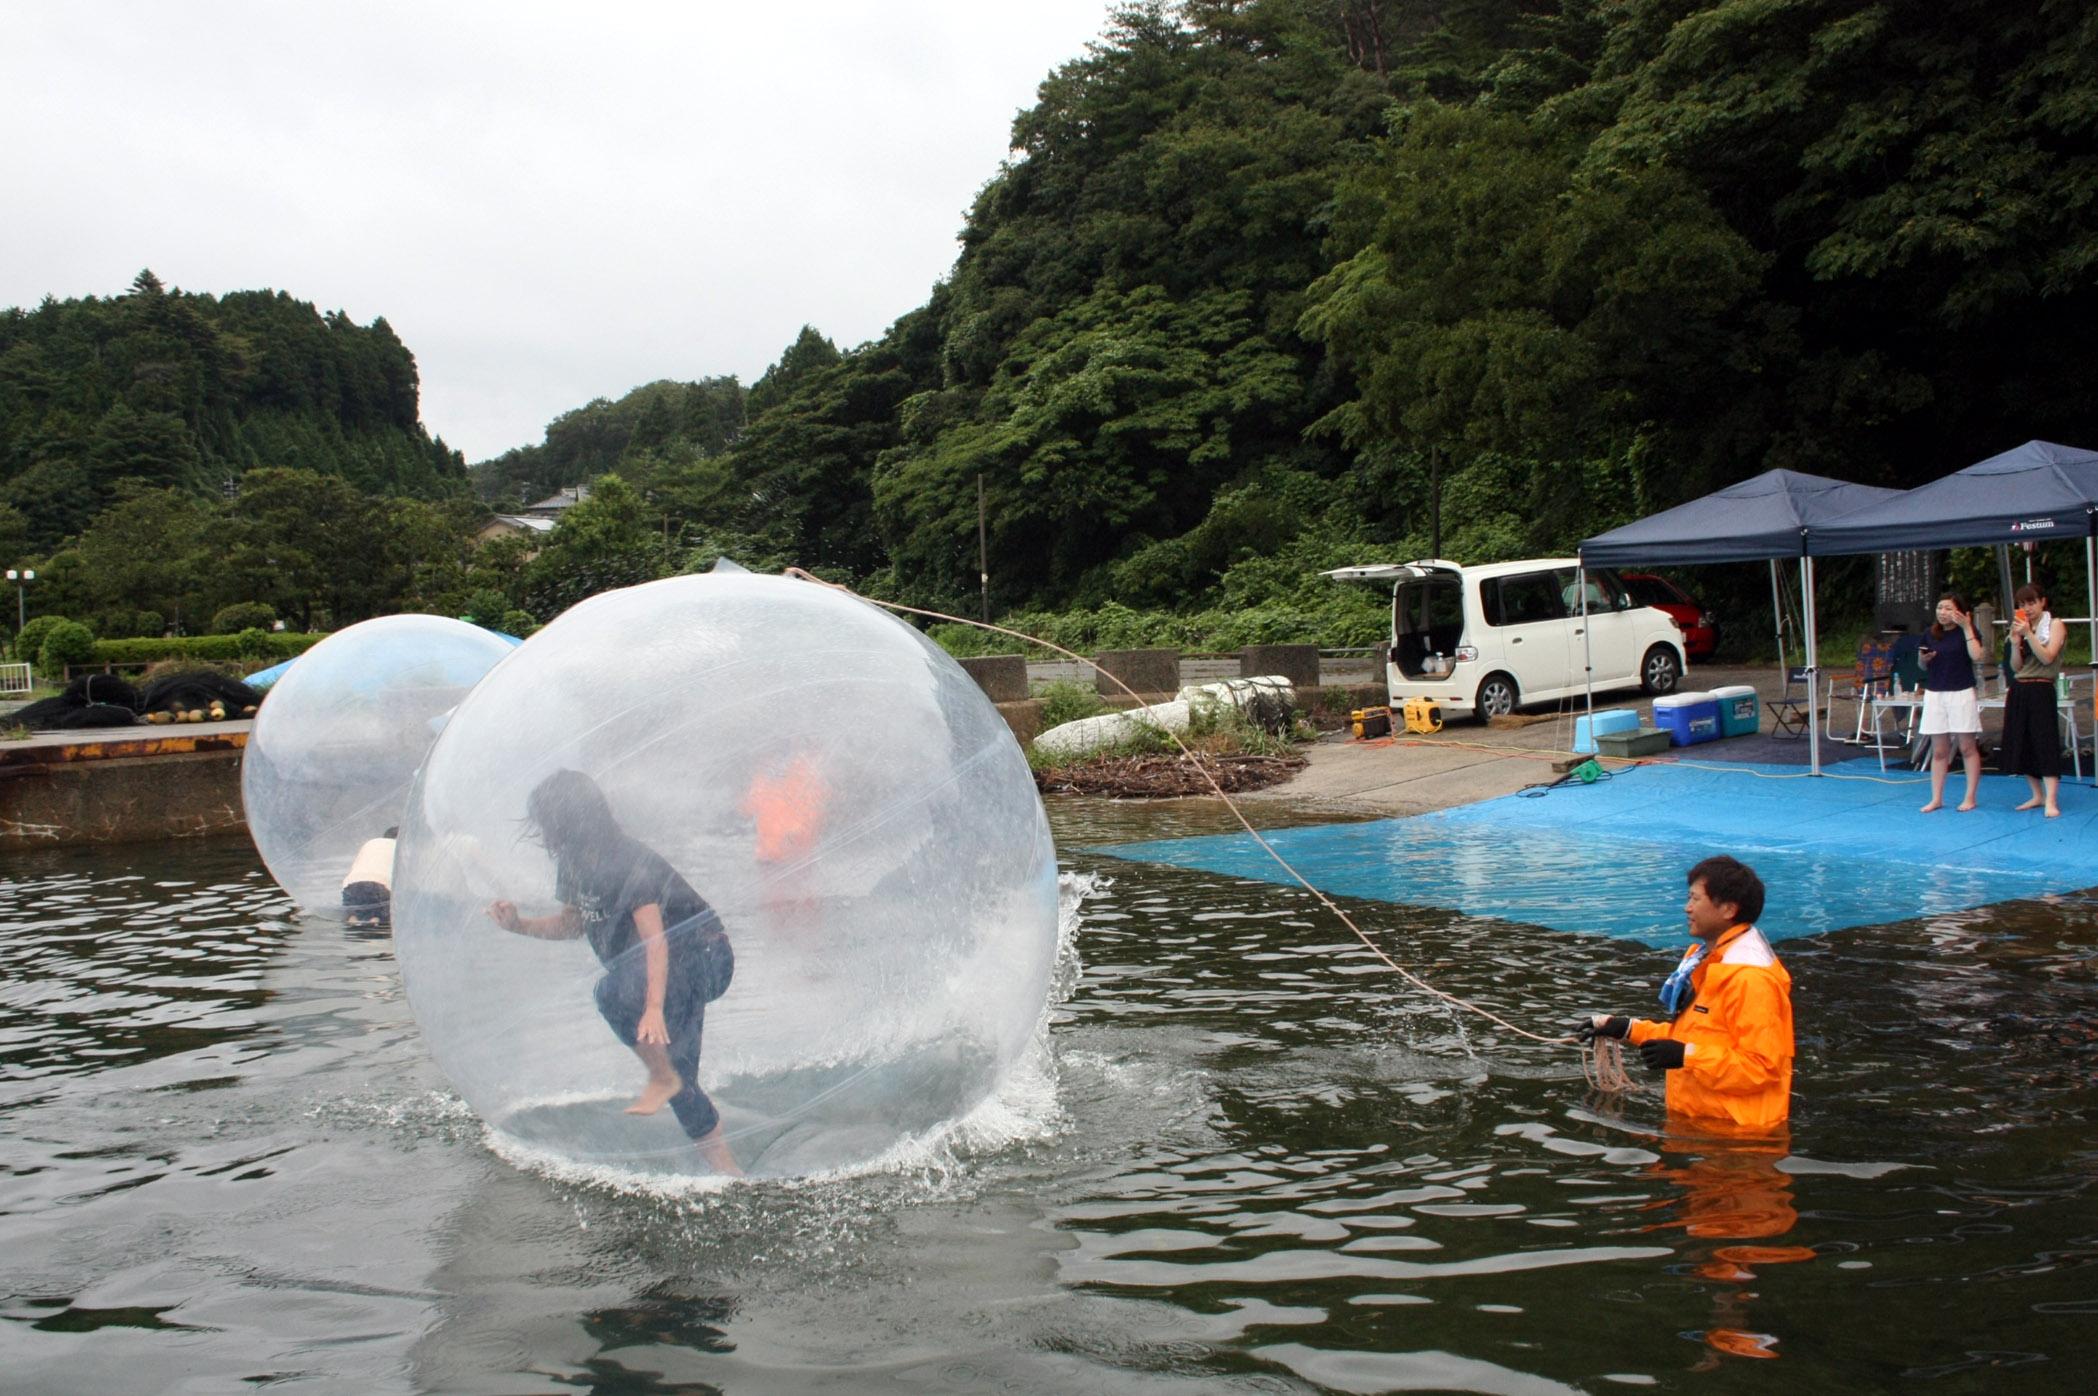 ウオーターダッシュを楽しむ参加者=穴水町川島の宝山マリーナ